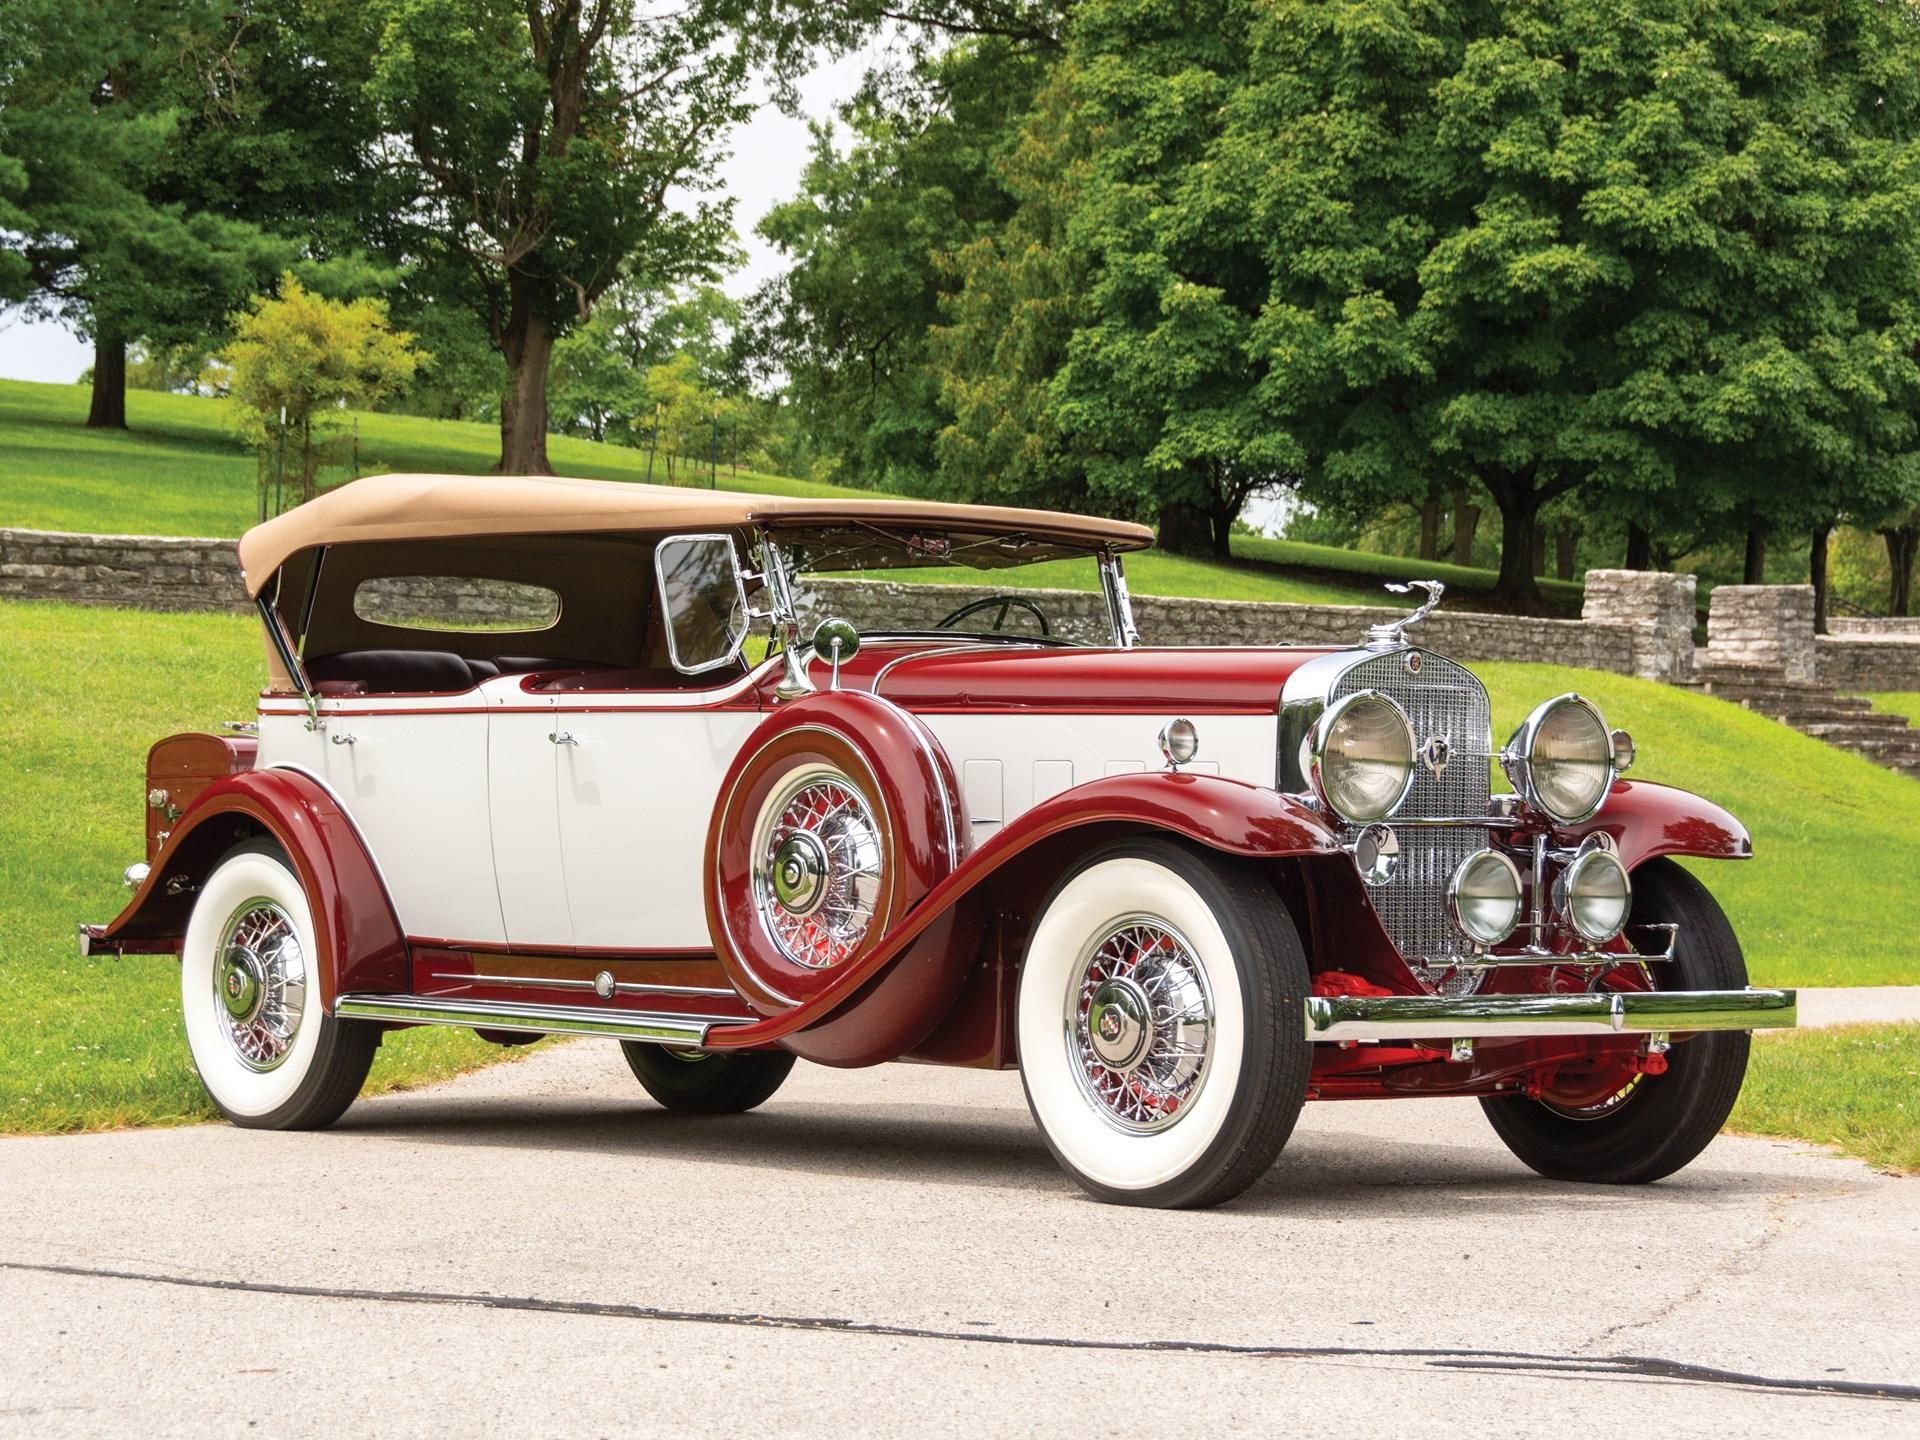 1931 Cadillac V-12 Phaeton by Fleetwood